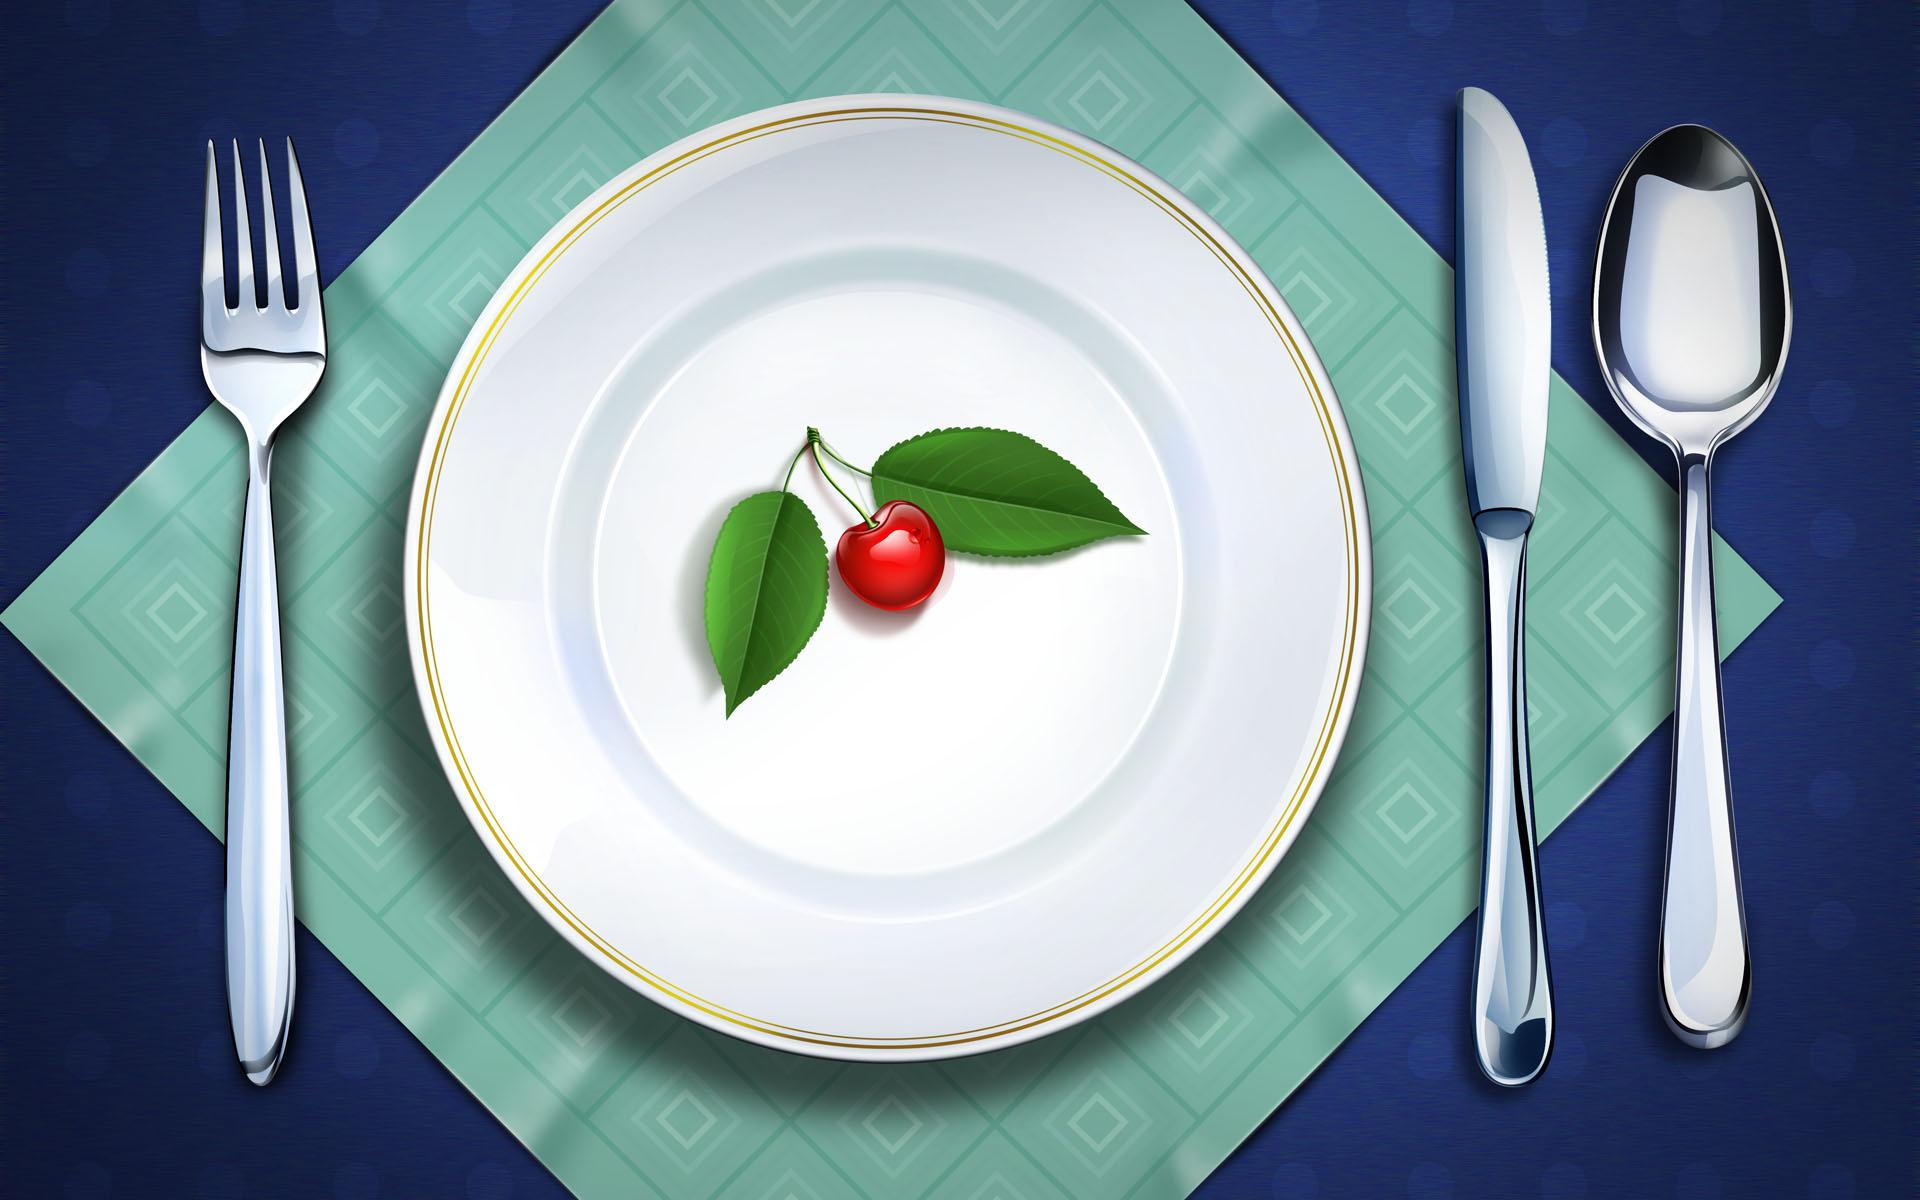 батарейки ложка тарелка бесплатно